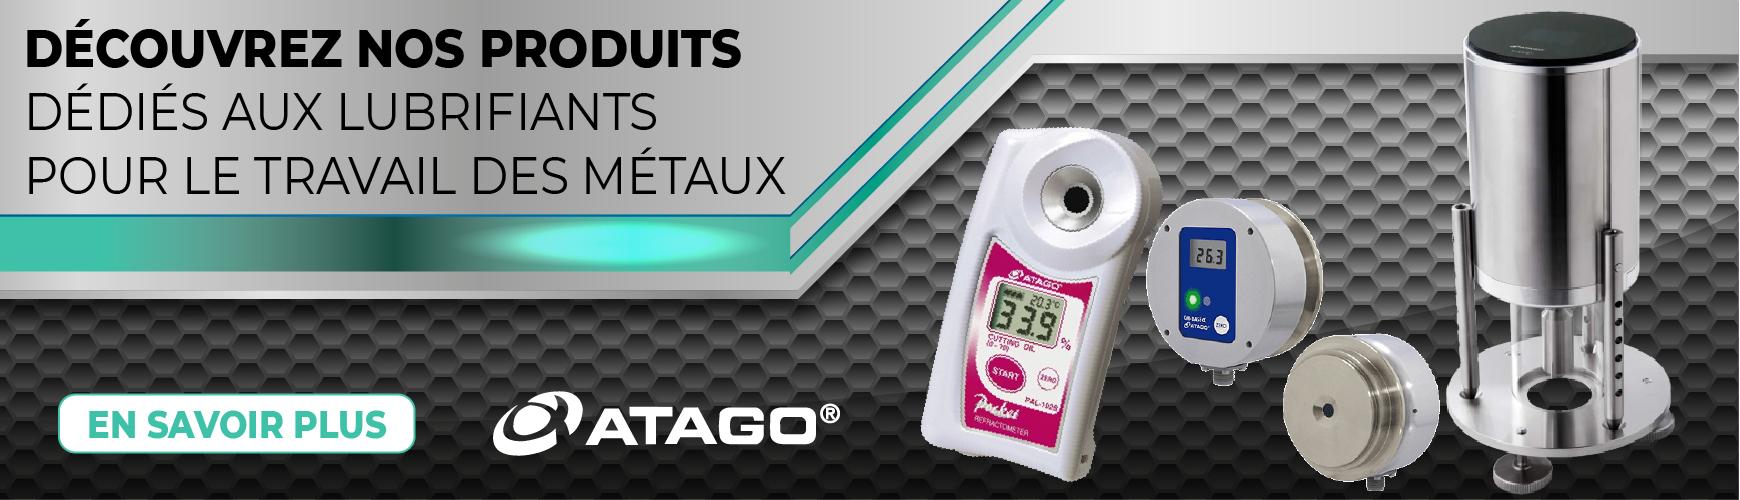 Gamme de produits dédiés aux lubrifiants pour le travail des métaux - ATAGO